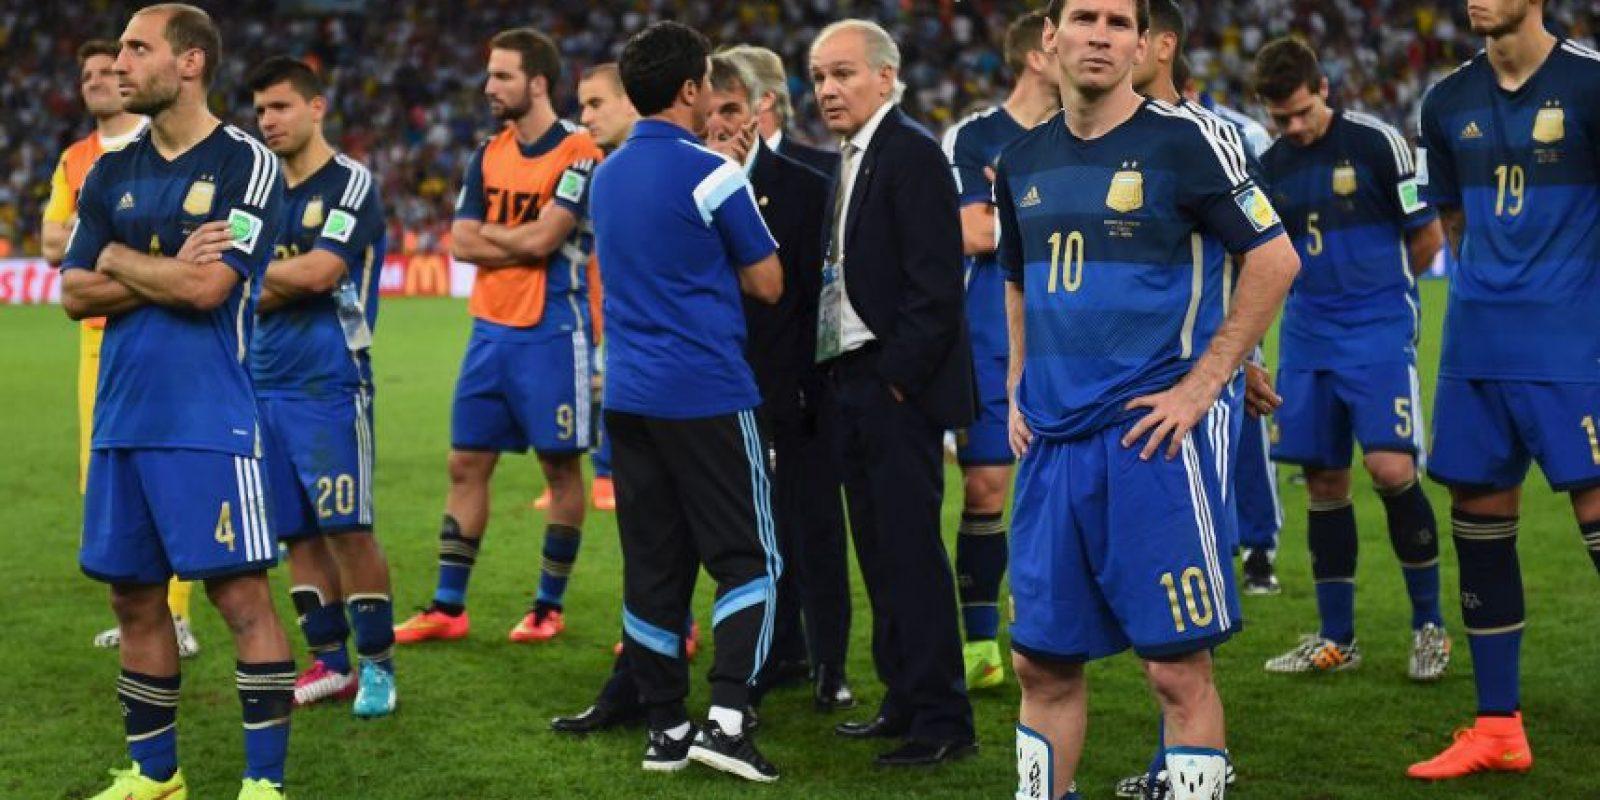 En el Mundial de Brasil 2014 estuvo cerca de ganar un campeonato Foto:Getty Images